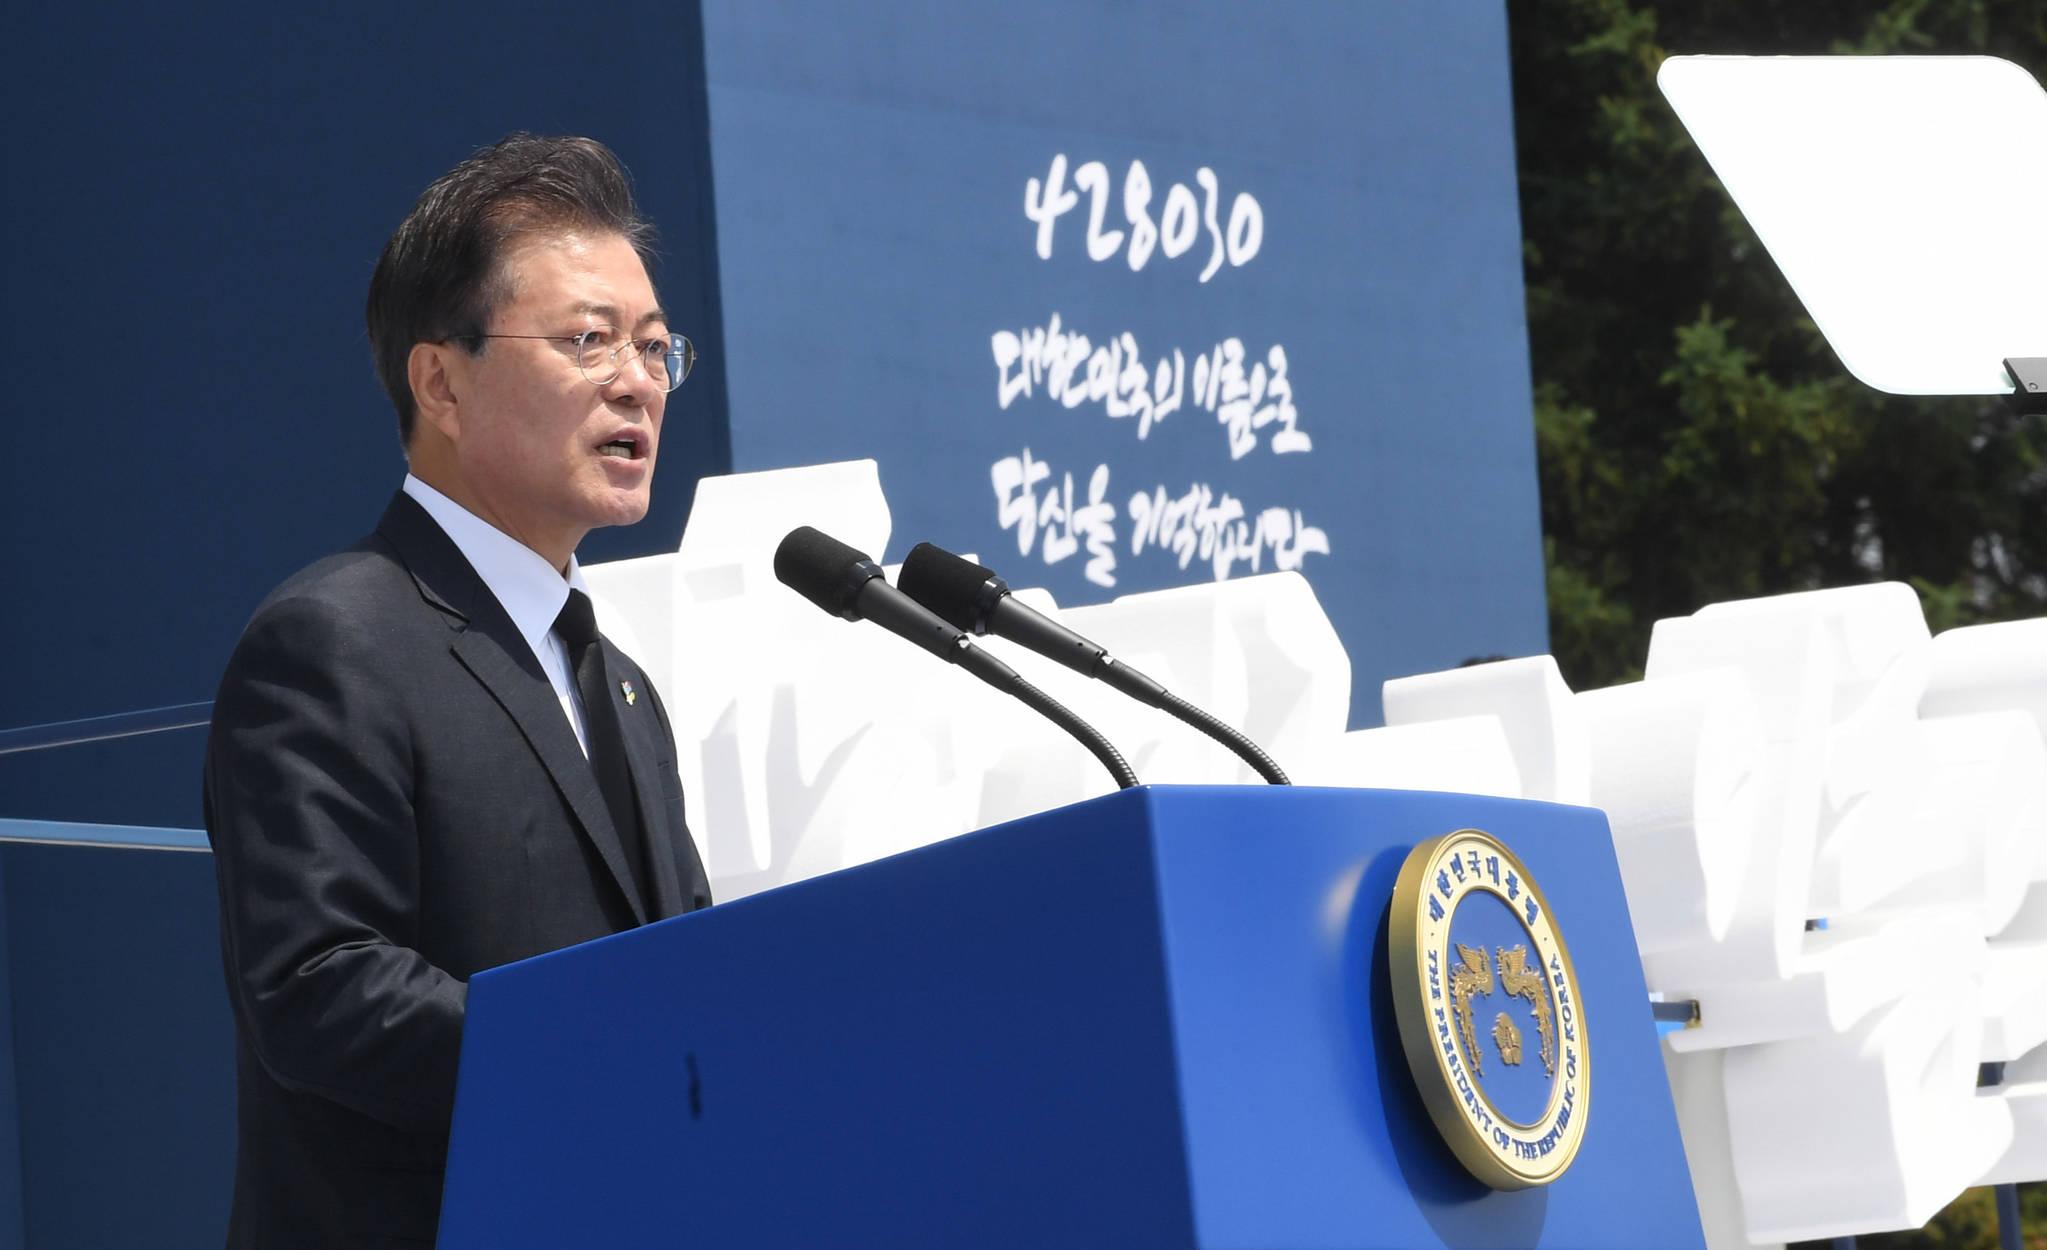 문재인 대통령이 6일 오전 국립대전현충원에서 열린 제63회 현충일 추념식에서 추념사를 하고 있다. 청와대사진기자단